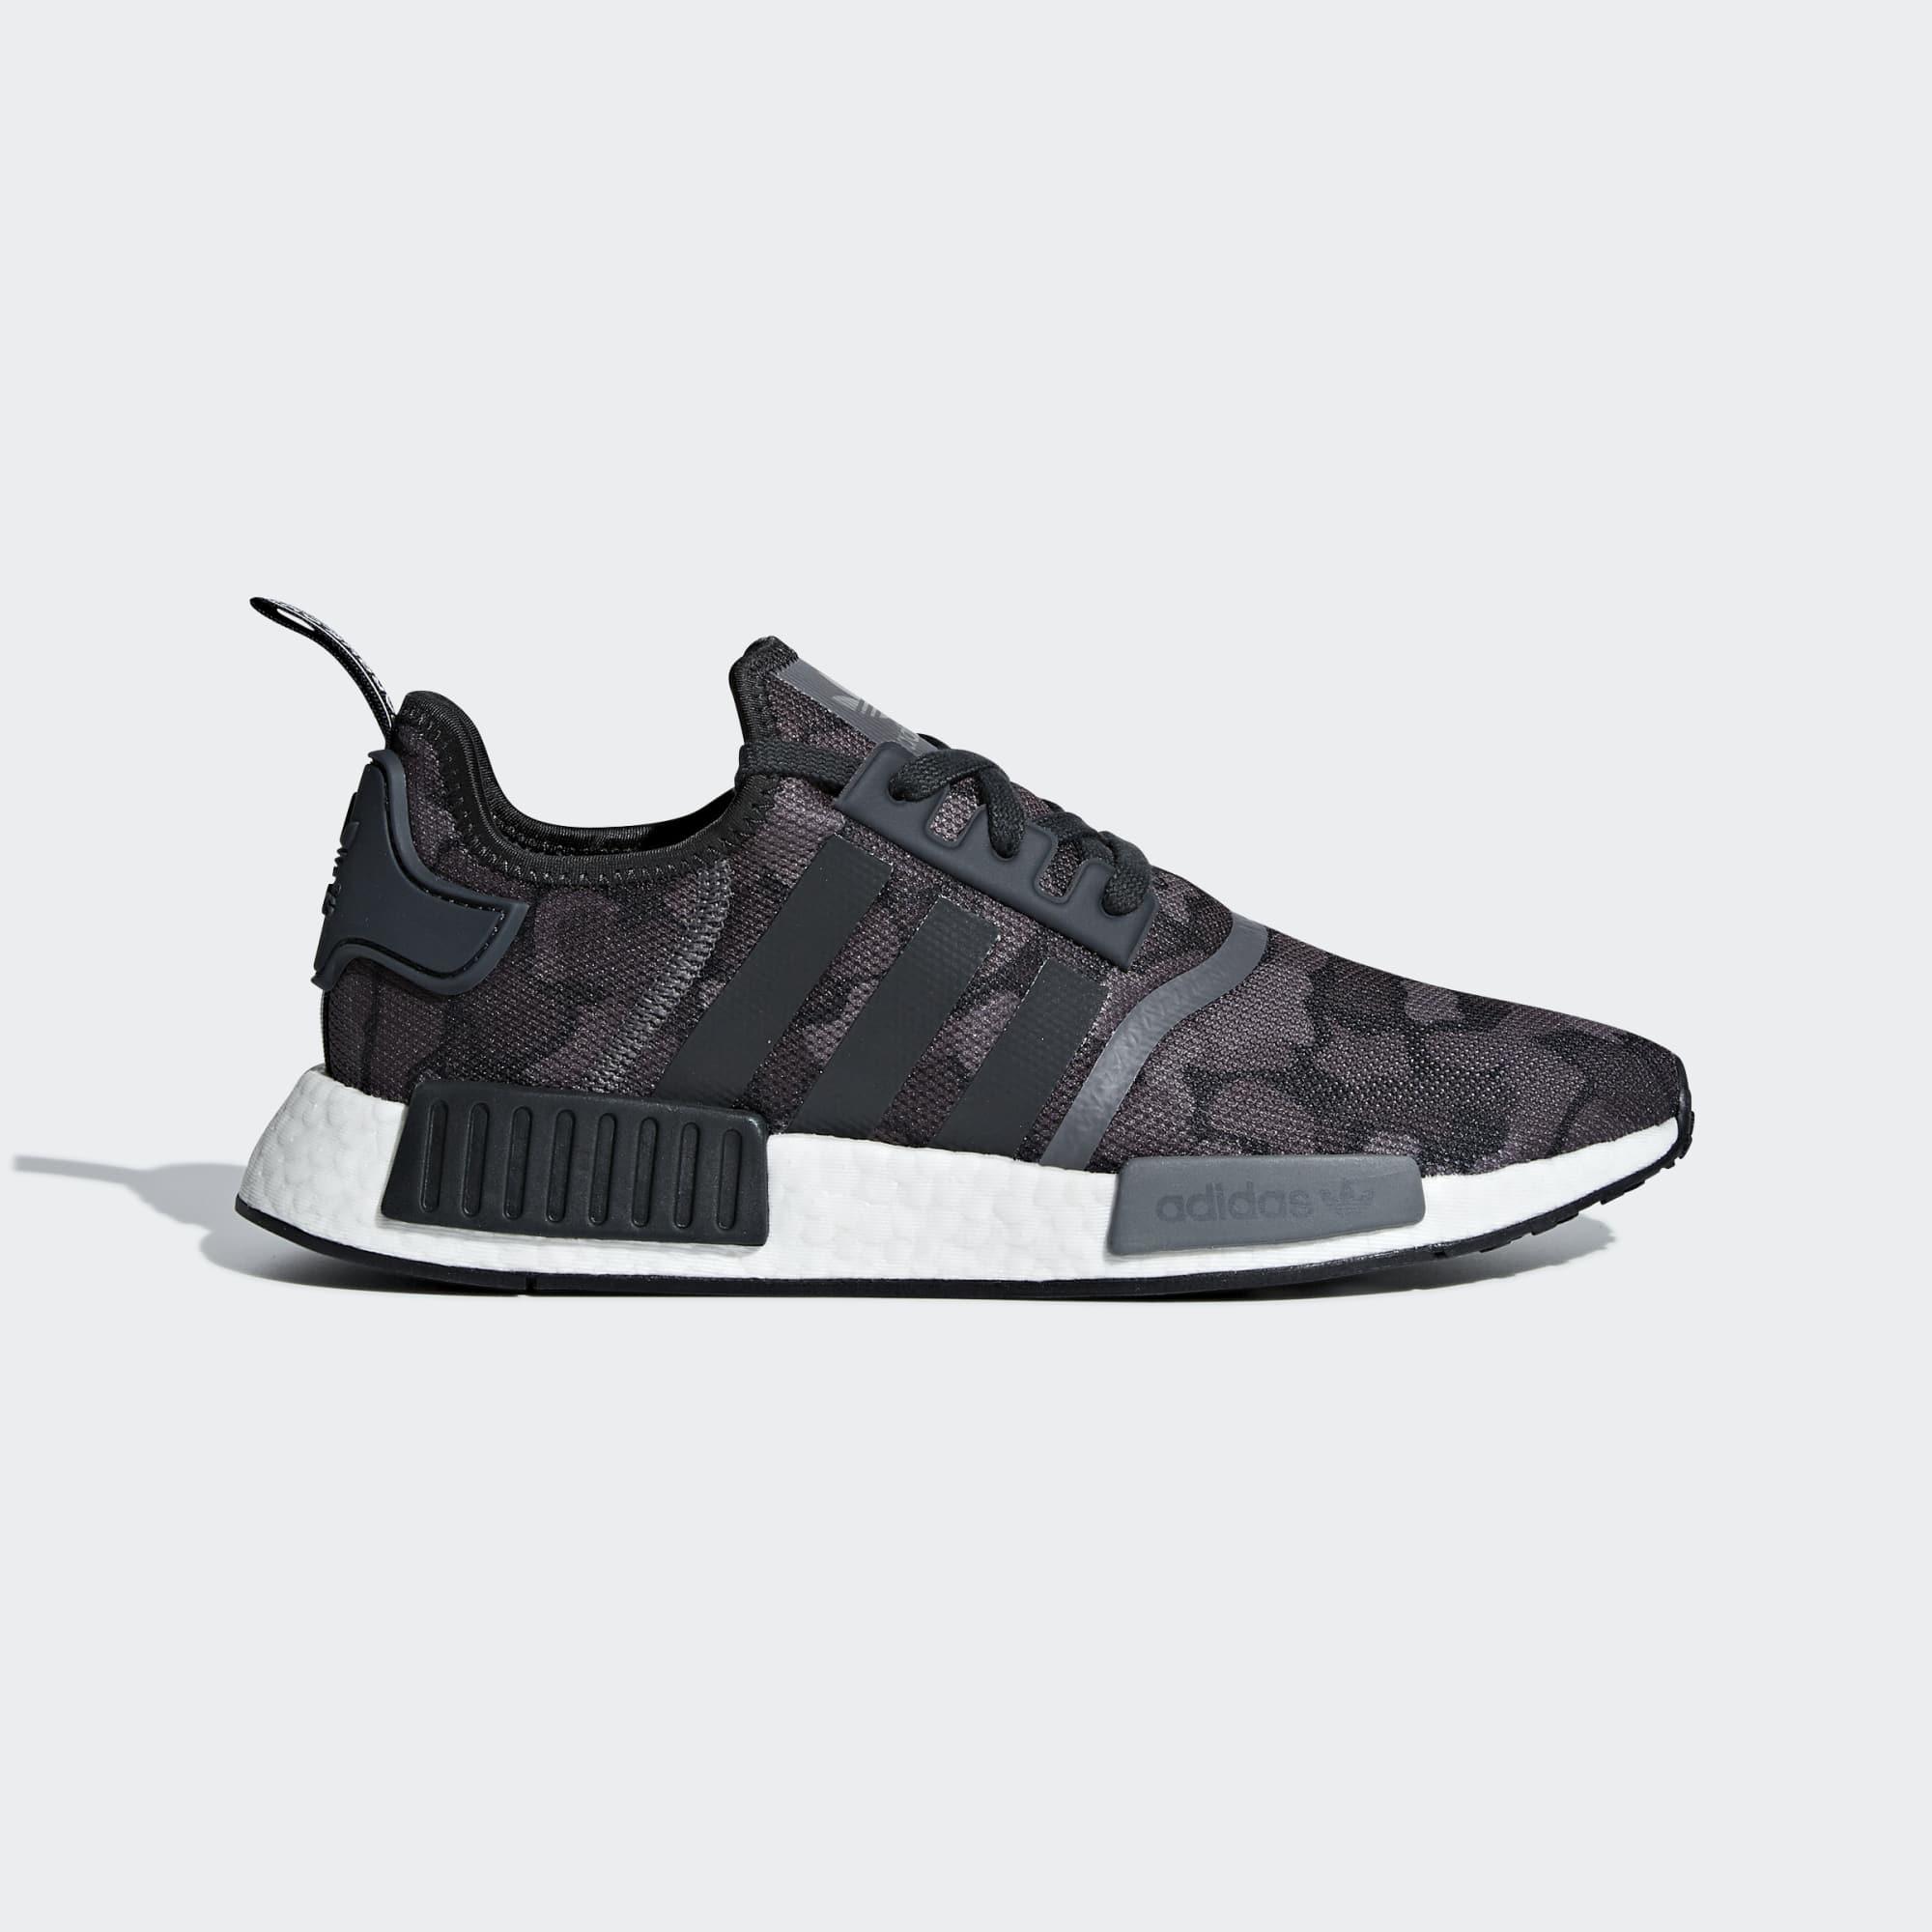 Adidas Originals NMD R1 Color CORE BLACK / GREY FOUR / GREY FIVE